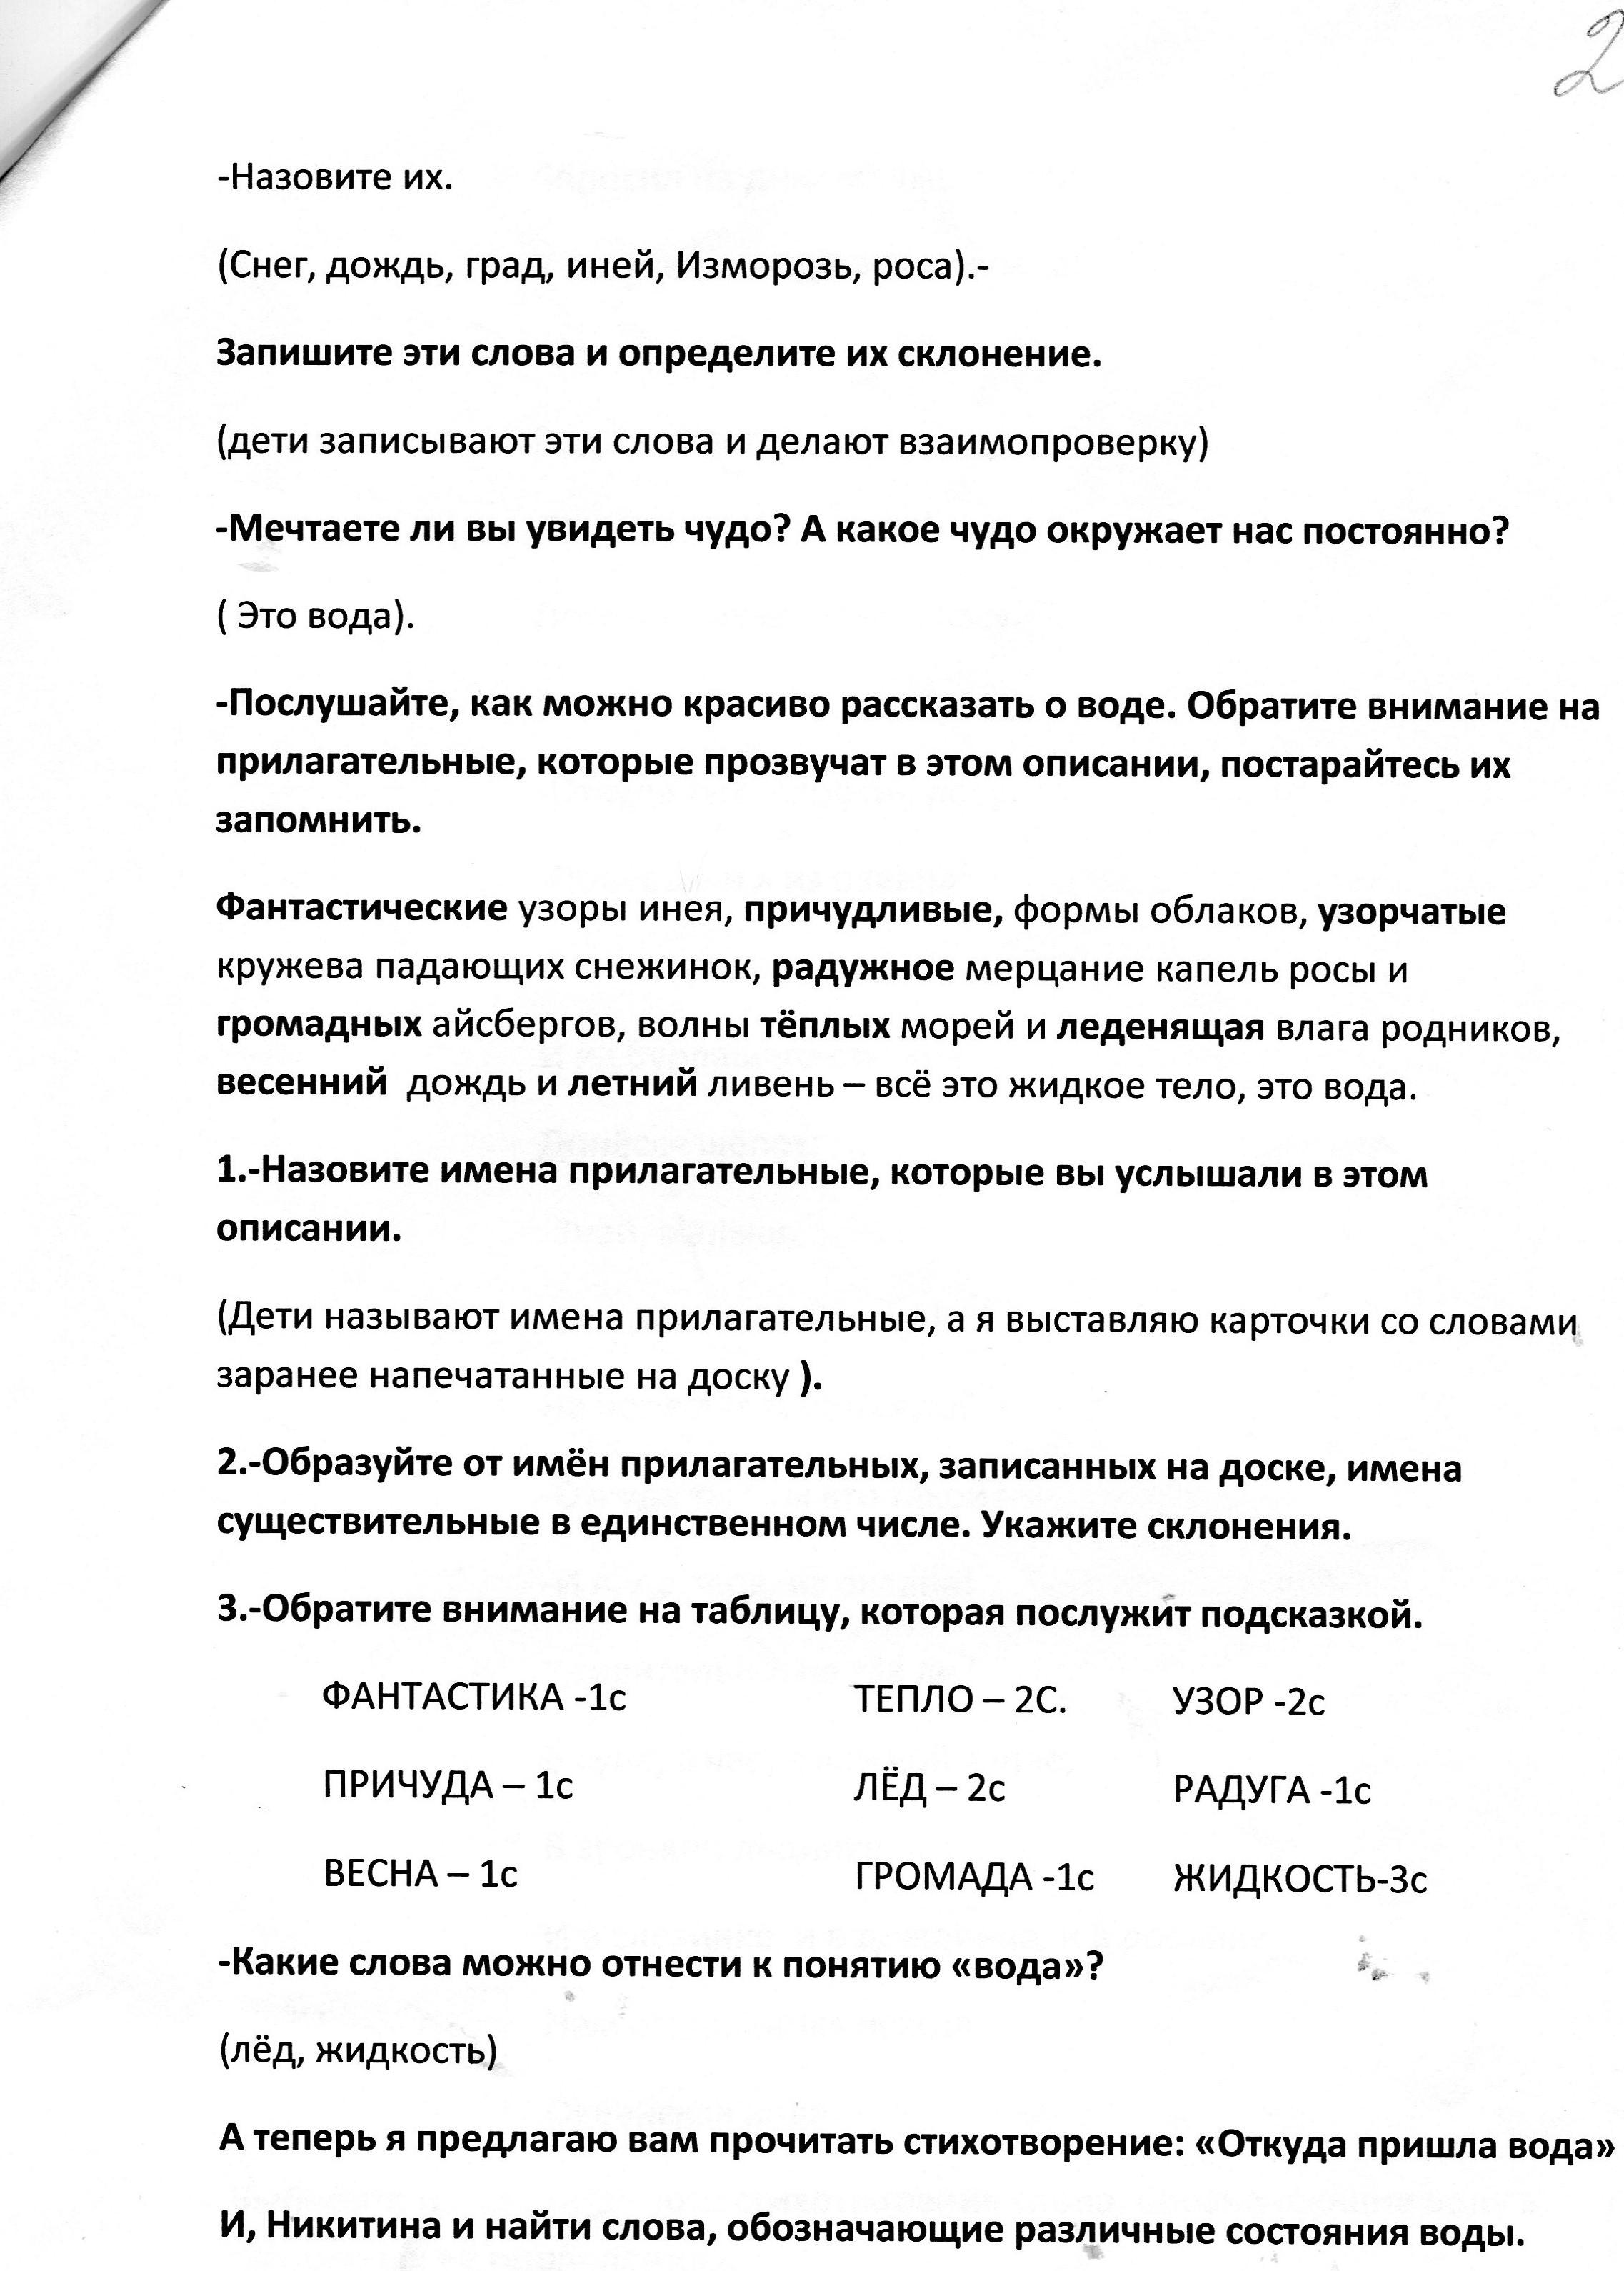 D:\Users\Администратор\Desktop\интегрированный урок( русский язык и окружающий мир\2.jpg